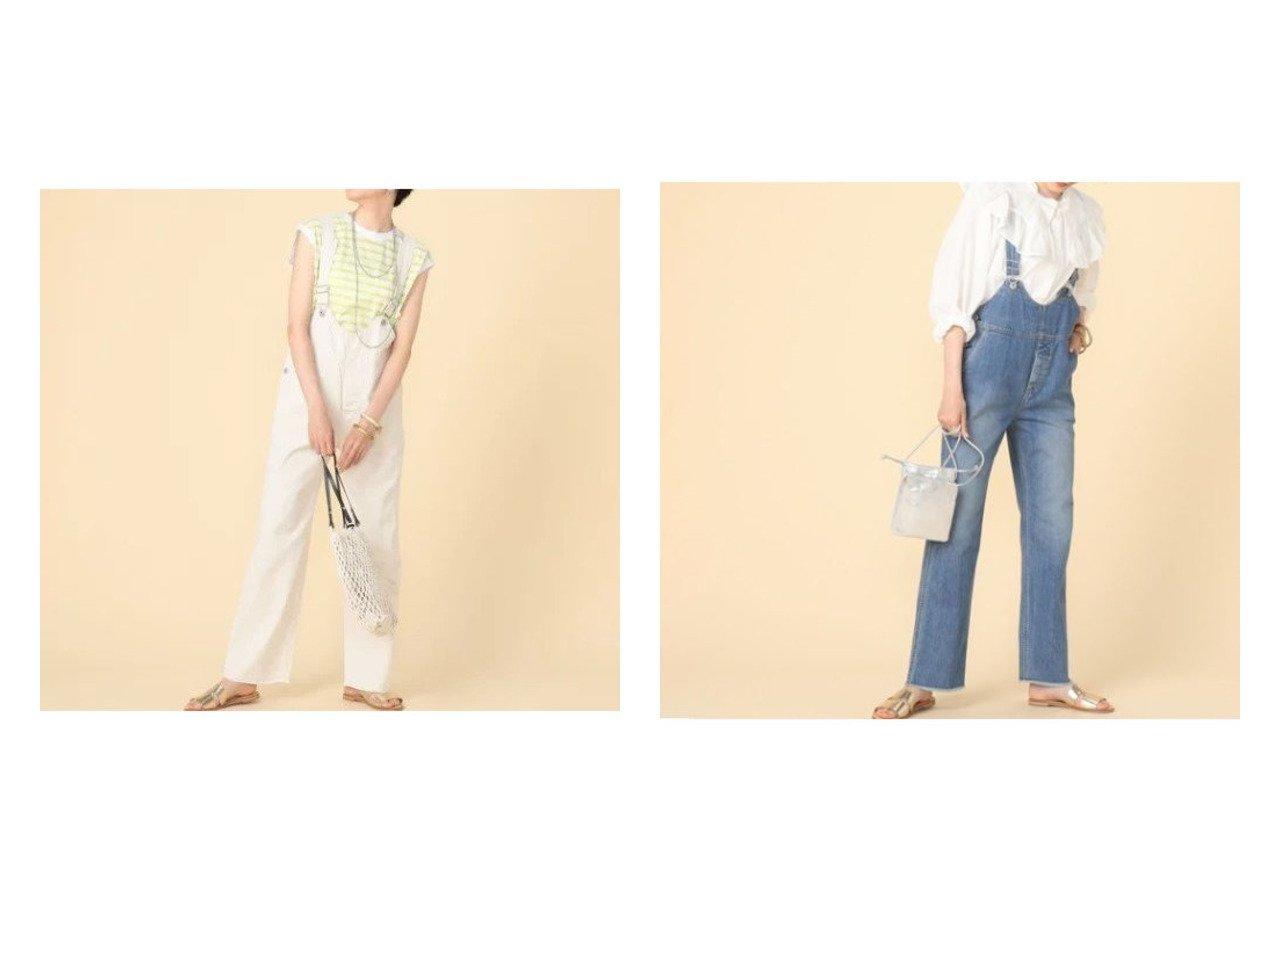 【NOLLEY'S/ノーリーズ】の【ジョンブル】ショートビブオーバーオールホワイト&【ジョンブル】ショートビブデニムオーバーオール 【ワンピース・ドレス】おすすめ!人気、トレンド・レディースファッションの通販 おすすめで人気の流行・トレンド、ファッションの通販商品 インテリア・家具・メンズファッション・キッズファッション・レディースファッション・服の通販 founy(ファニー) https://founy.com/ ファッション Fashion レディースファッション WOMEN ワンピース Dress オールインワン ワンピース All In One Dress サロペット Salopette サスペンダー サロペット ショート ジーンズ ストレート トレンド ドレス ビッグ ミリタリー ワーク おすすめ Recommend |ID:crp329100000047622